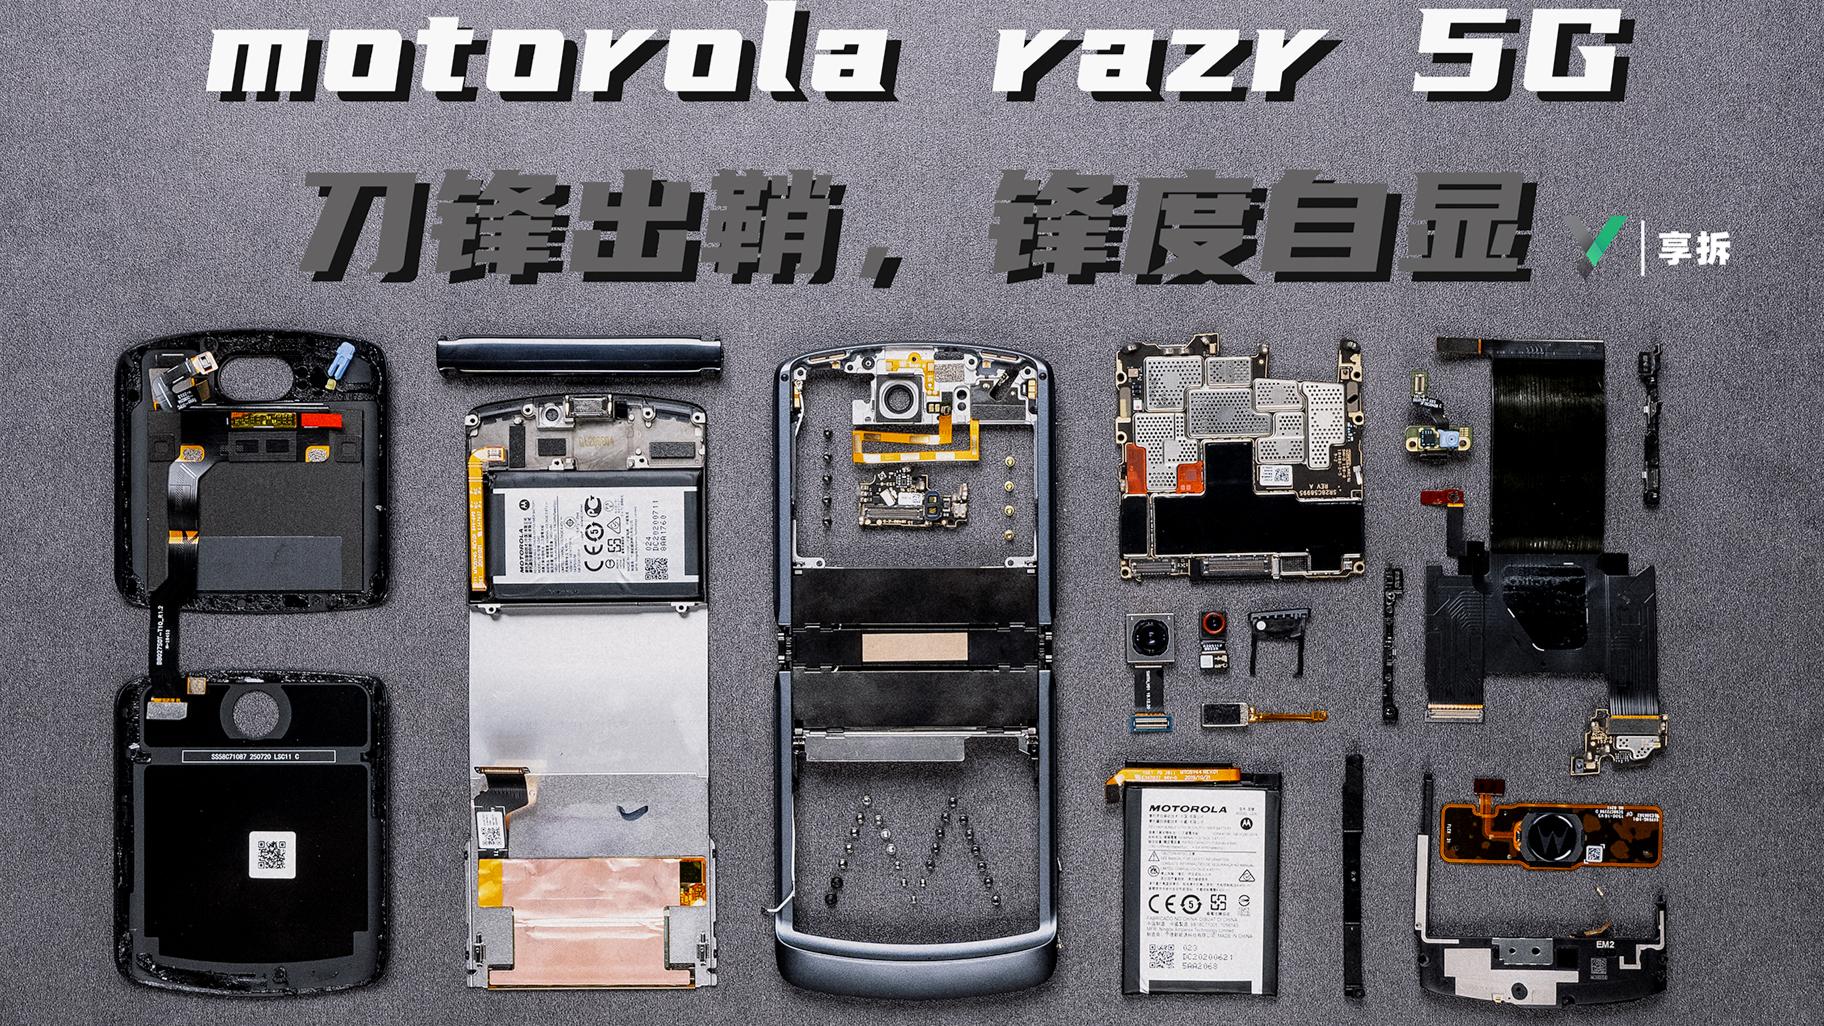 【享拆】motorola razr 5G拆解:刀锋出鞘,锋度自显